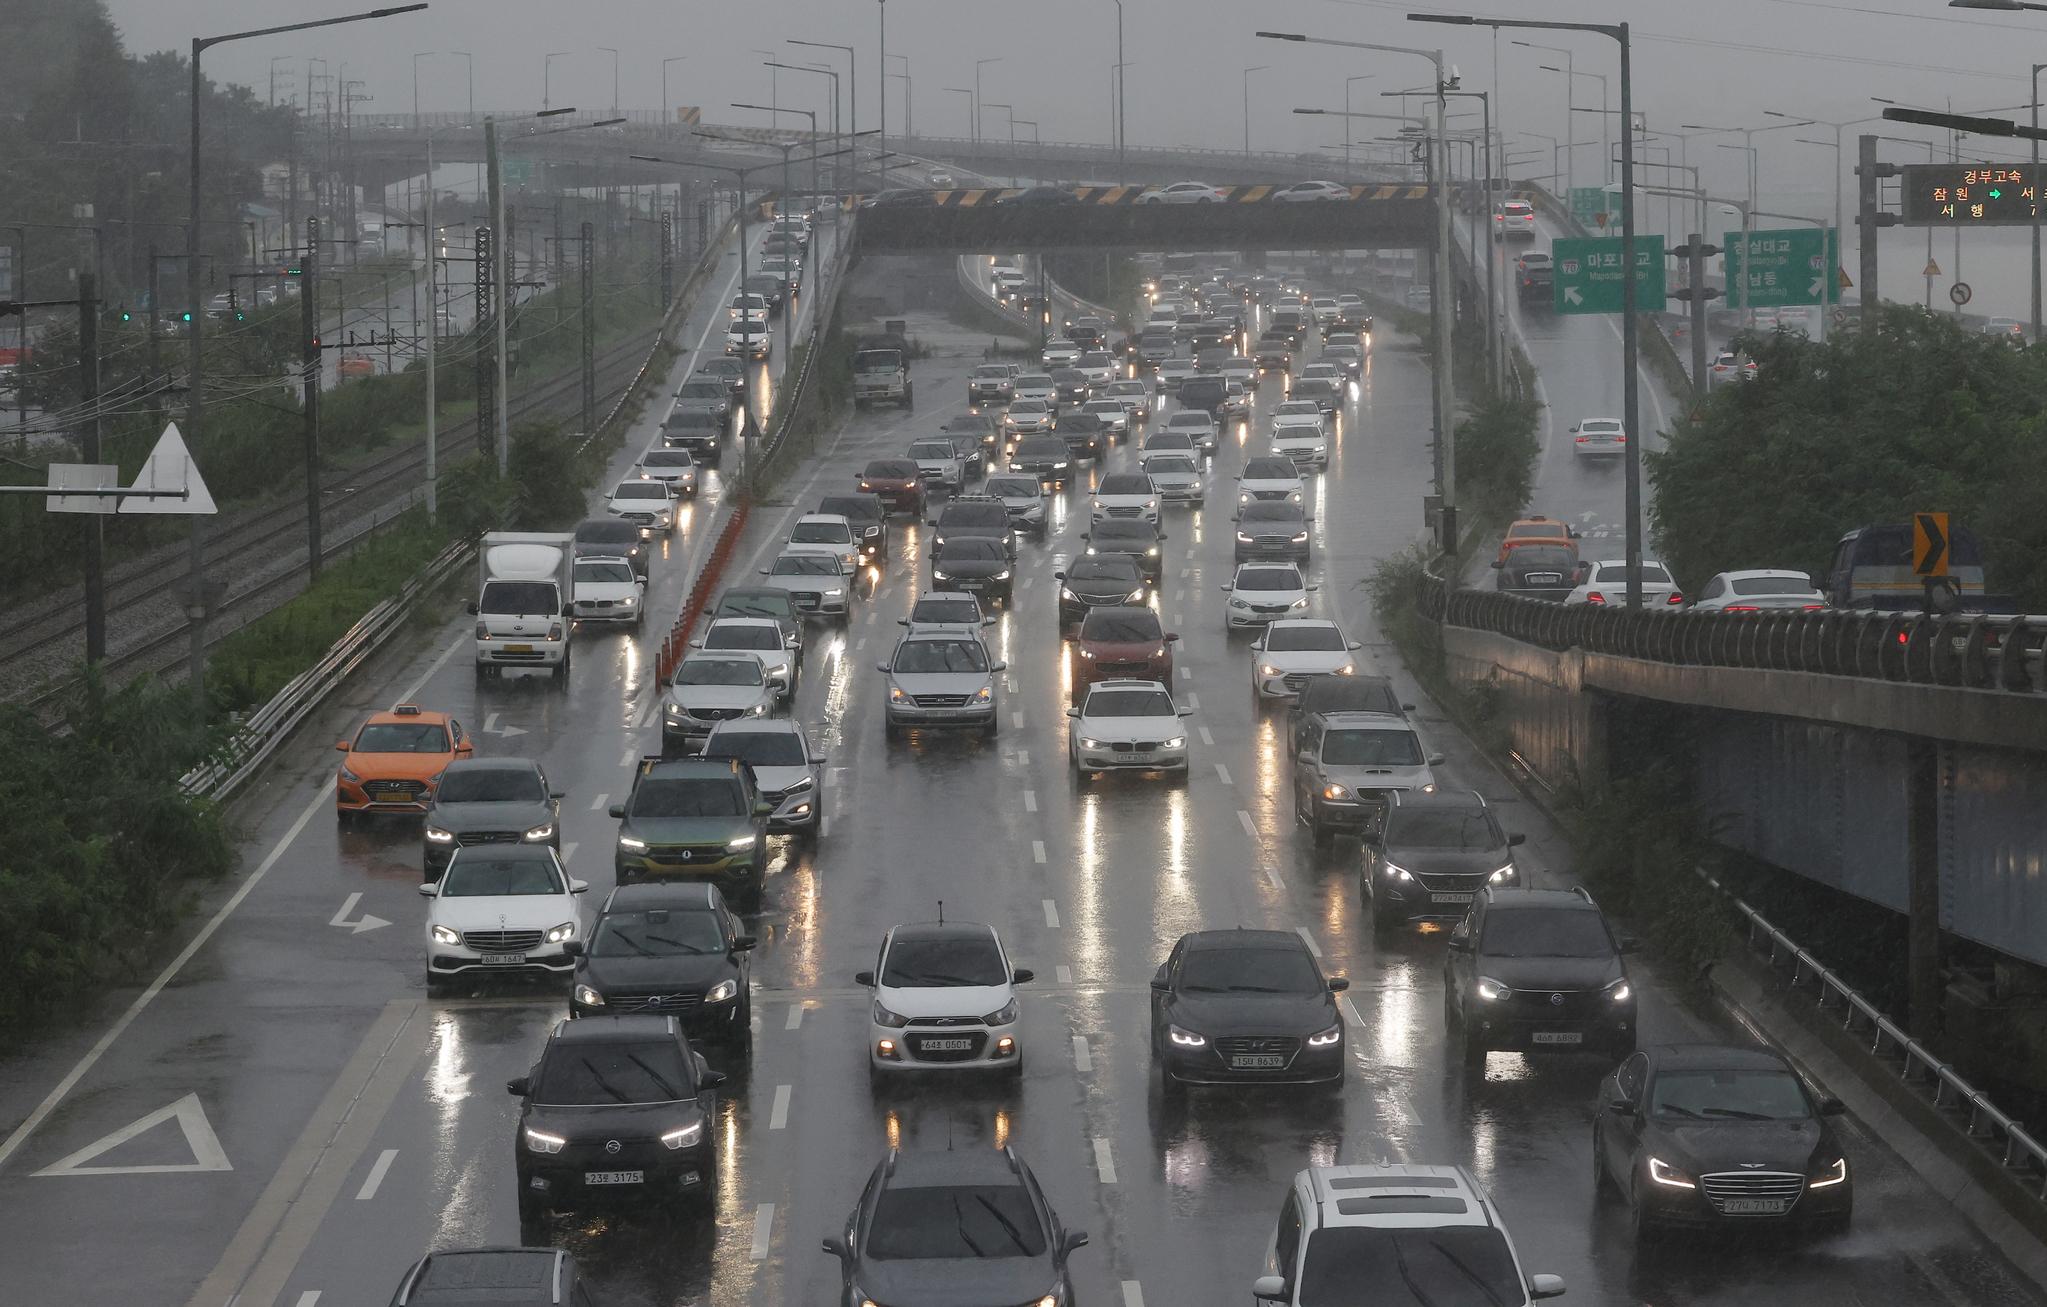 서울 전역을 비롯한 수도권에 호우 경보가 발령된 9일 오후 서울 반포대교 인근 강변북로 위로 차량이 전조등을 켜고 다니고 있다. 연합뉴스